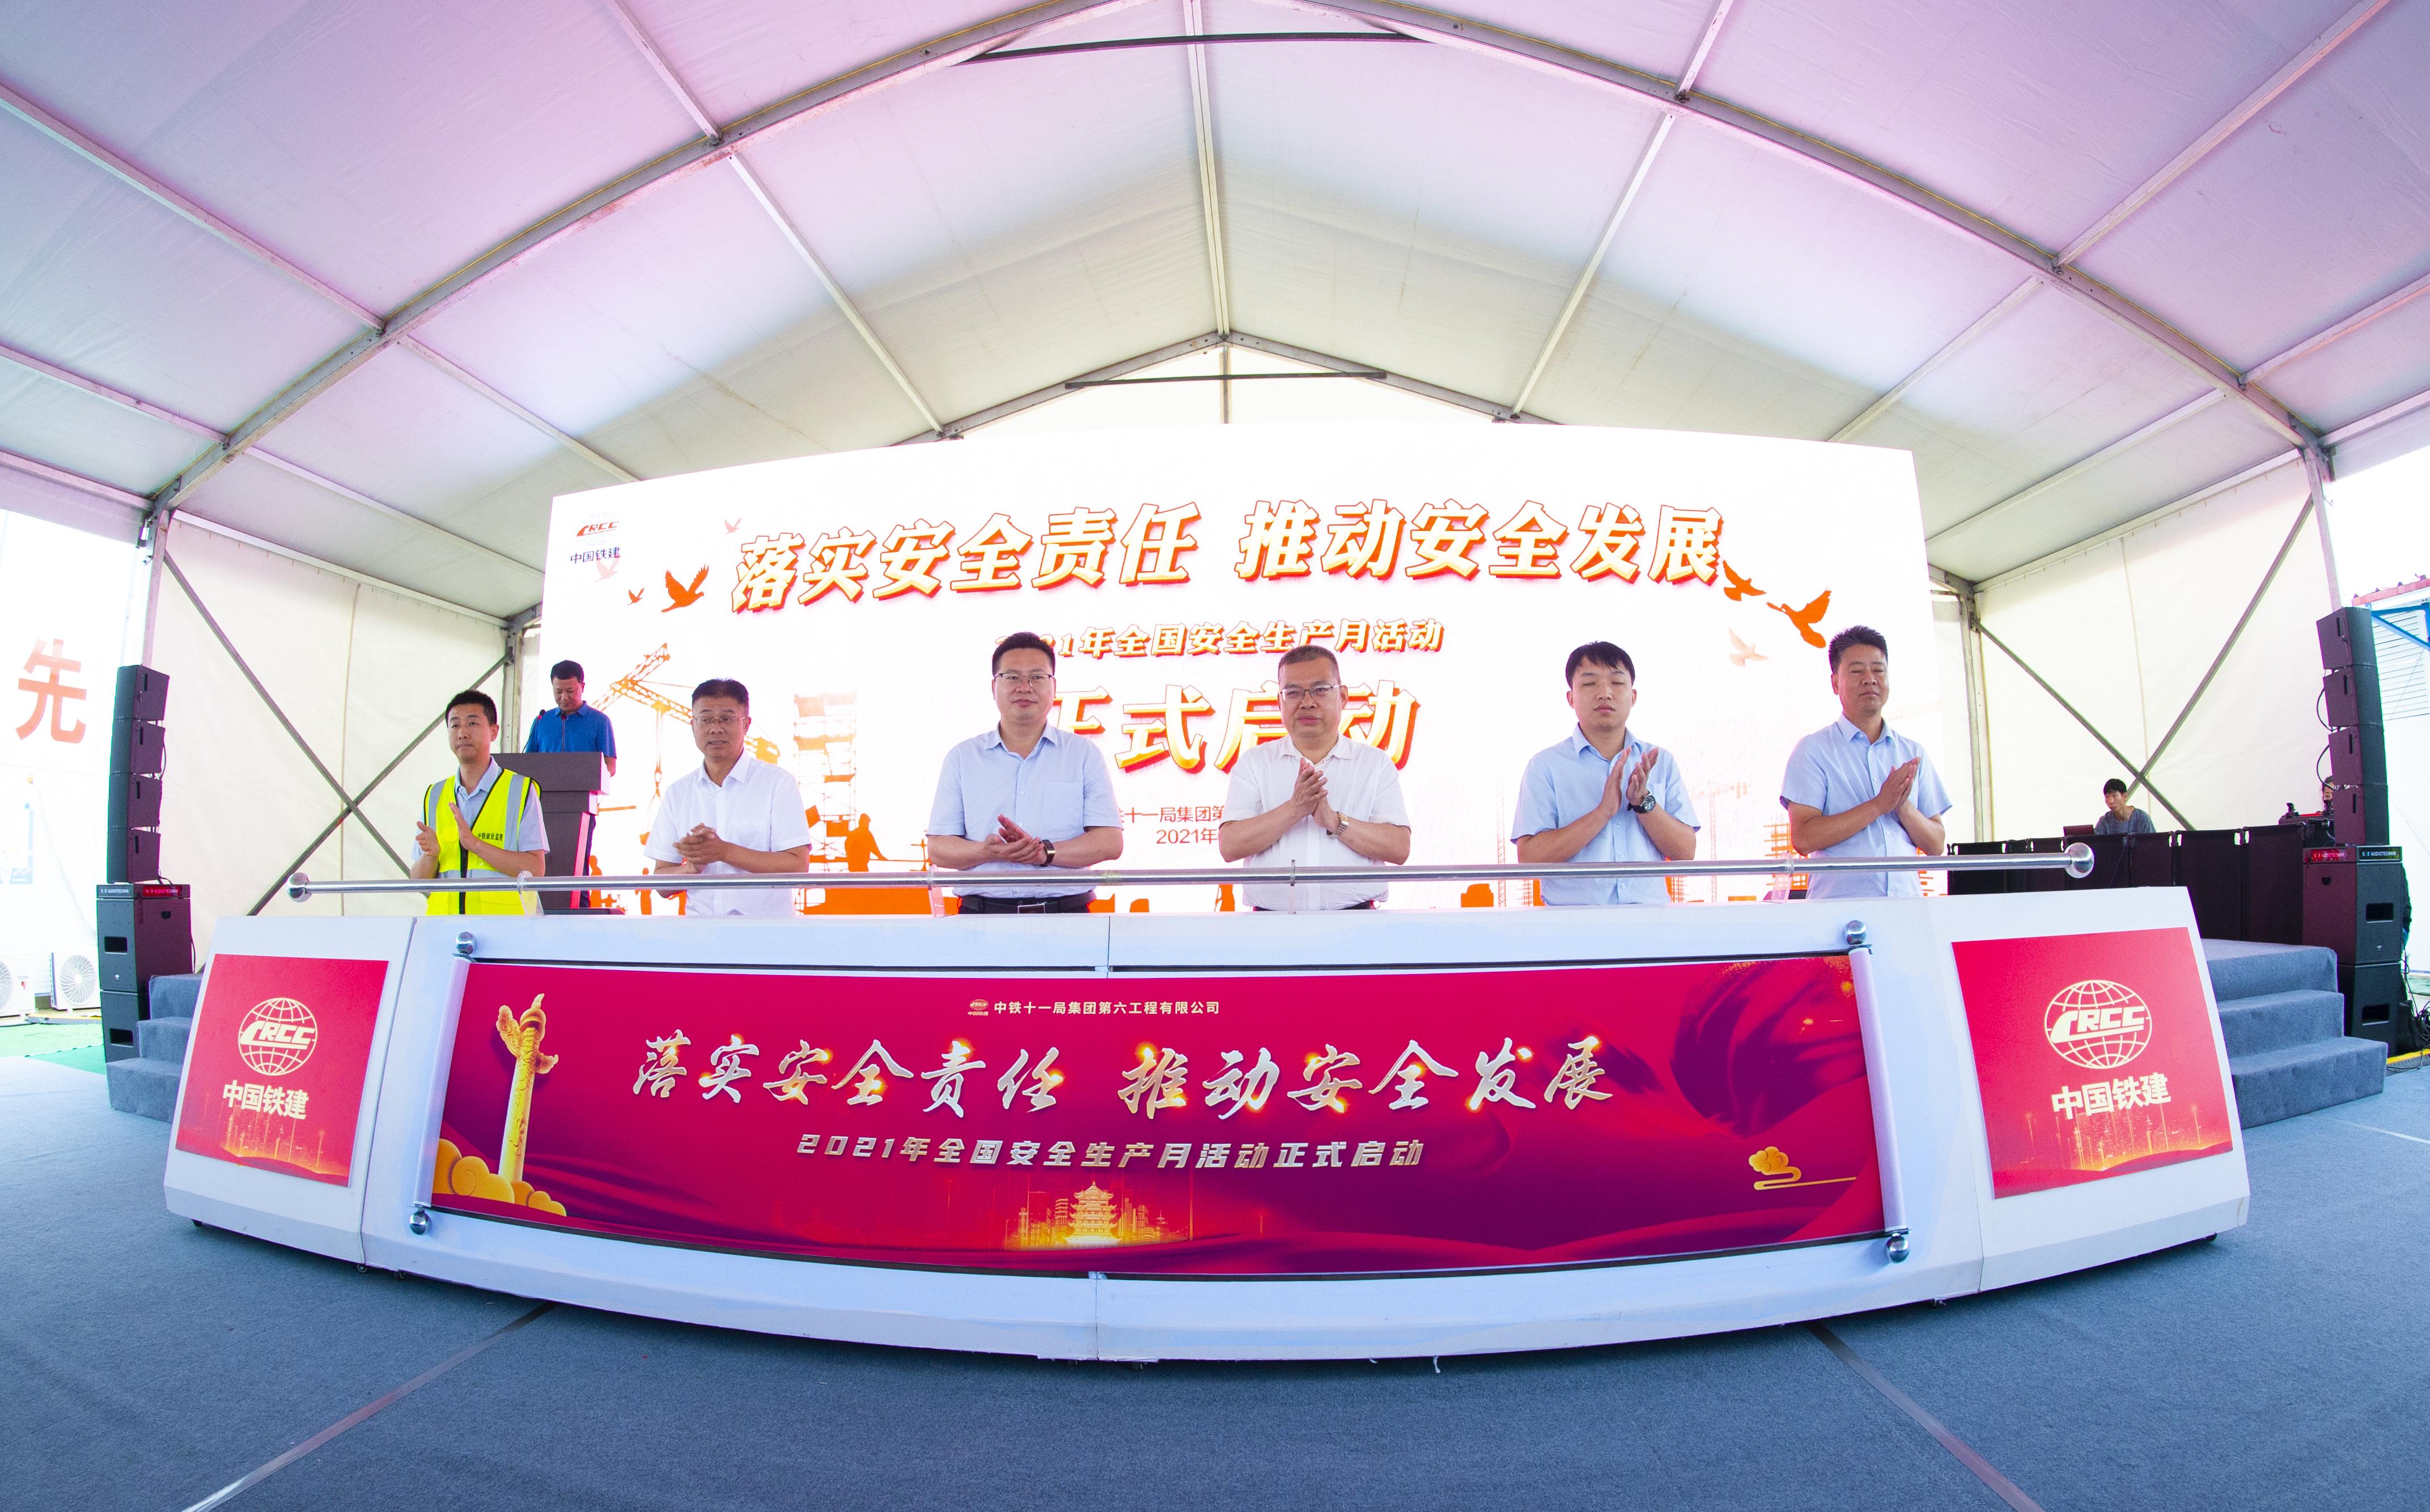 """武汉轨道交通7号线前川车辆段项目部举行""""安全生产月""""活动仪式"""